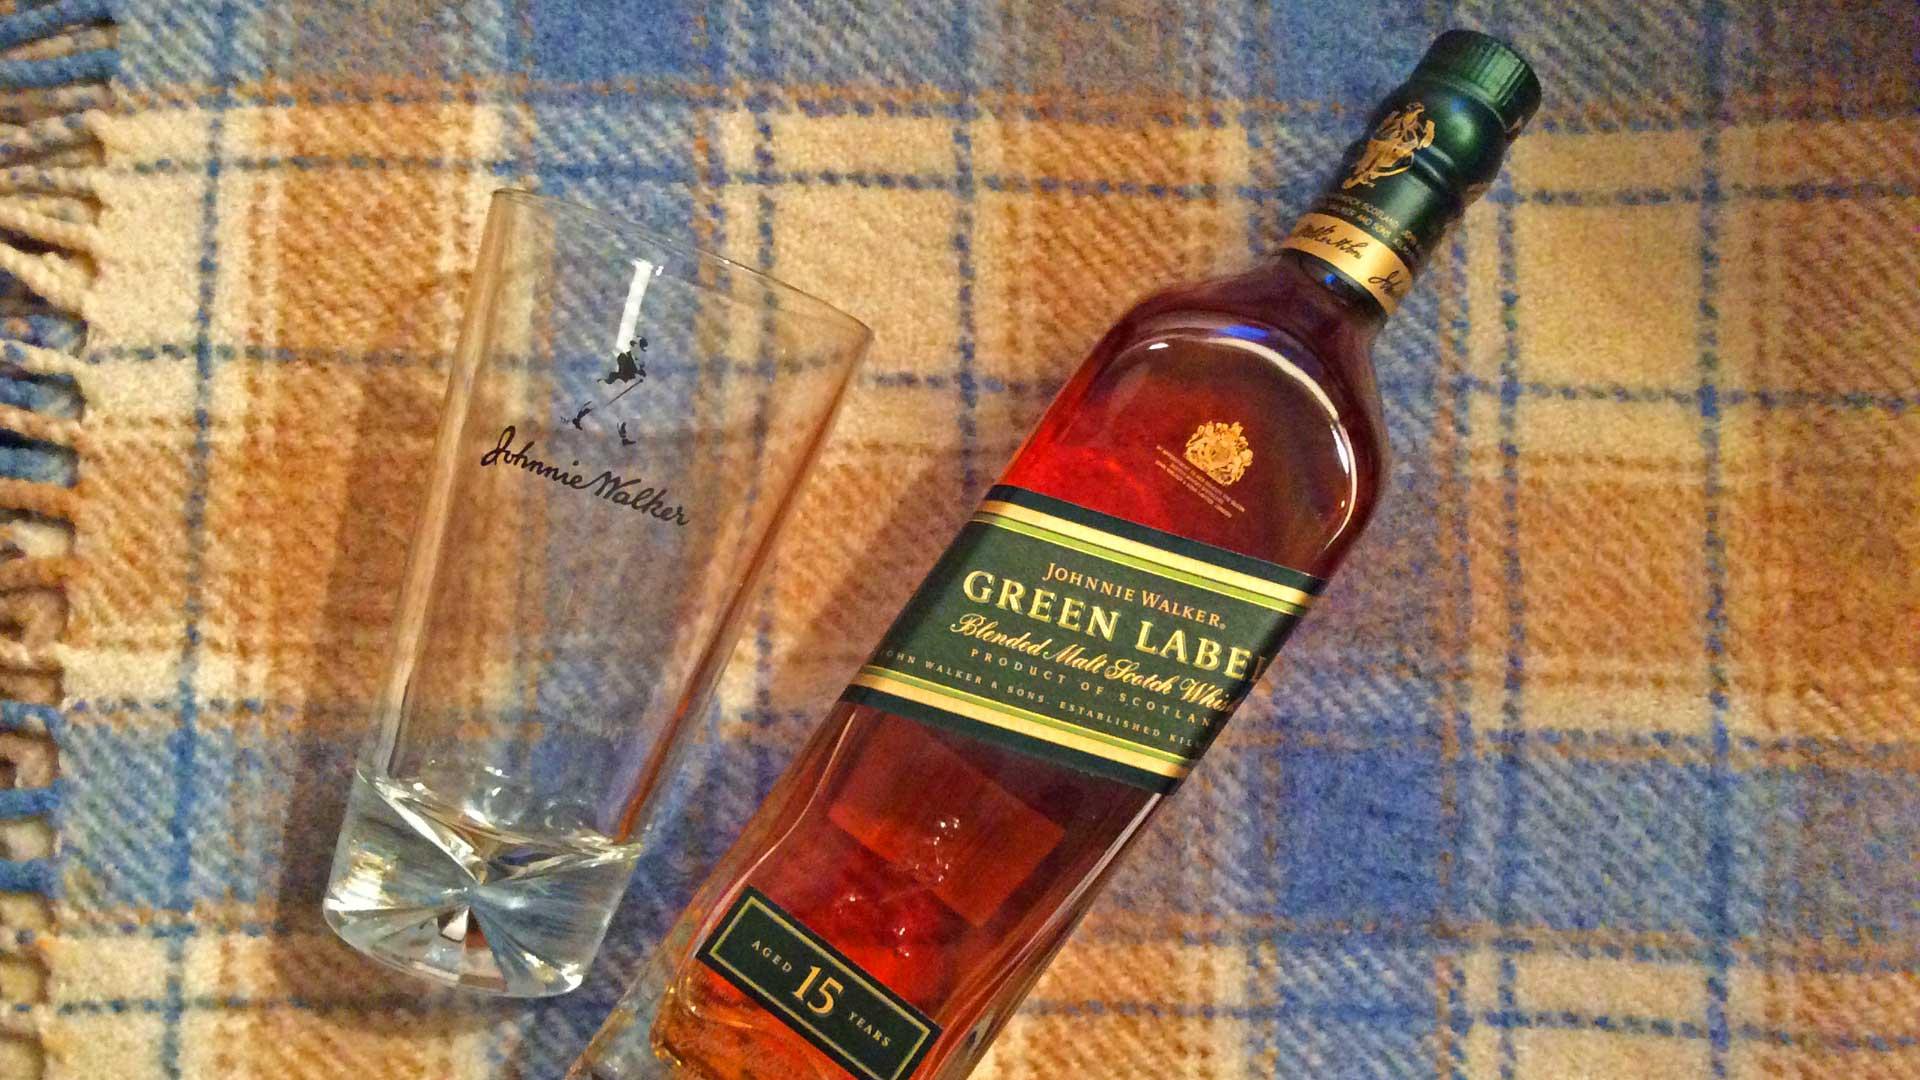 Im Johnnie Walker Green Label 15 Jahre sind keine Grain-Whiskys sondern ausschließlich Single Malts enthalten. (Foto: Alkoblog)